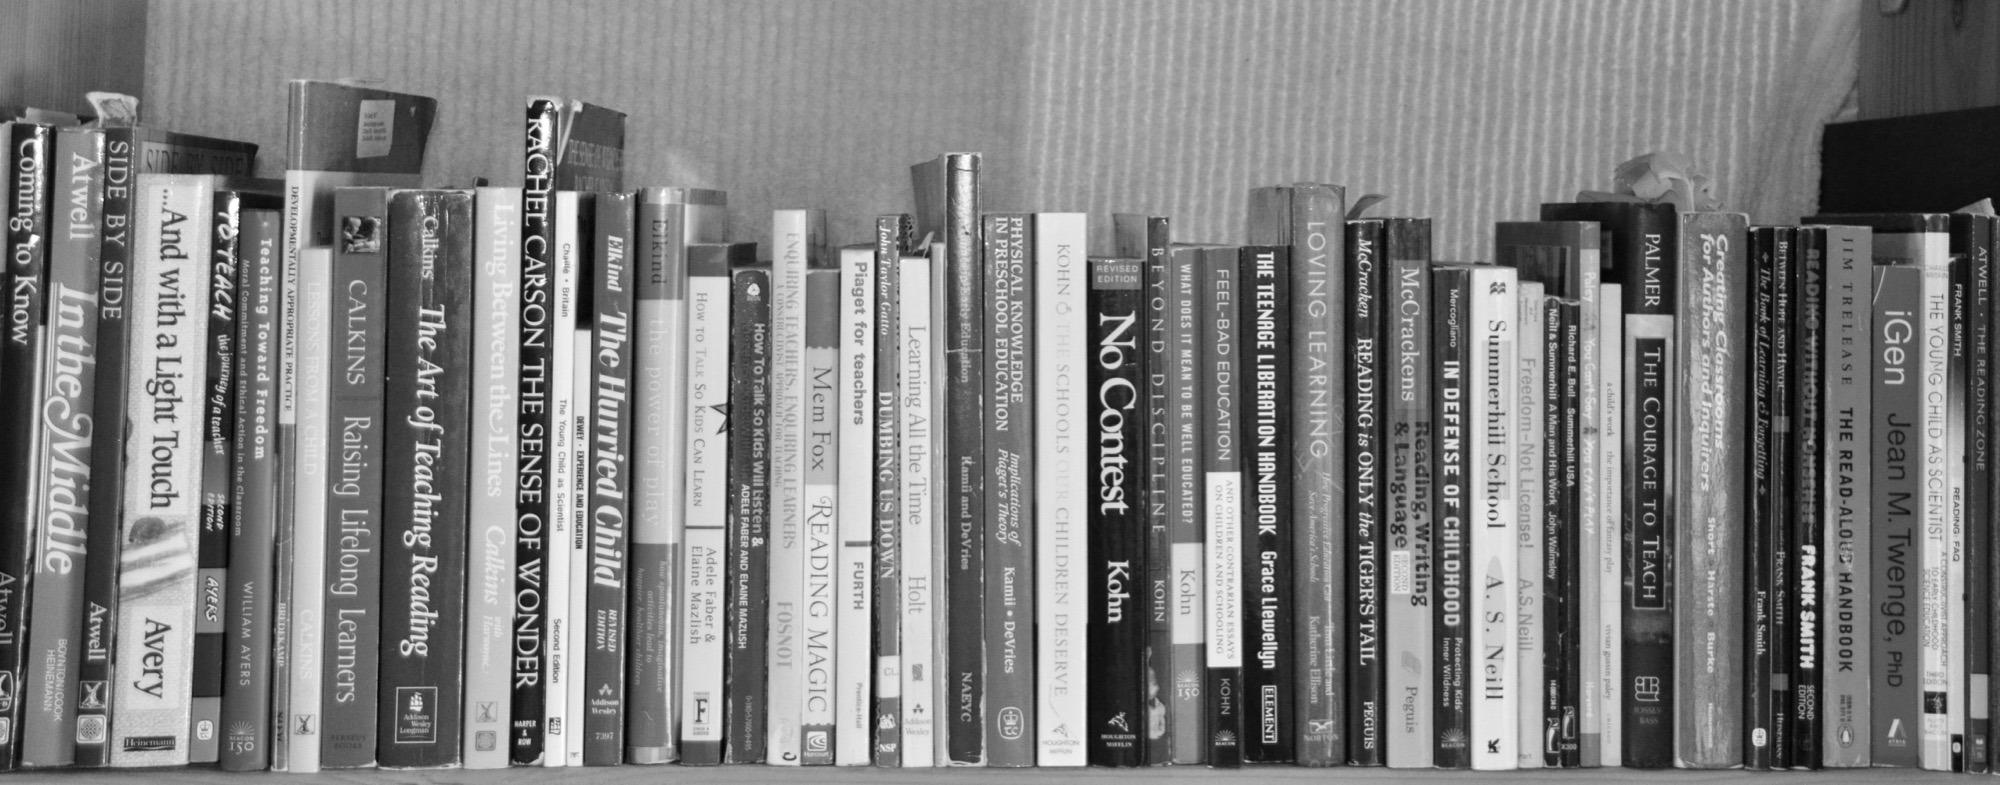 books on shelf